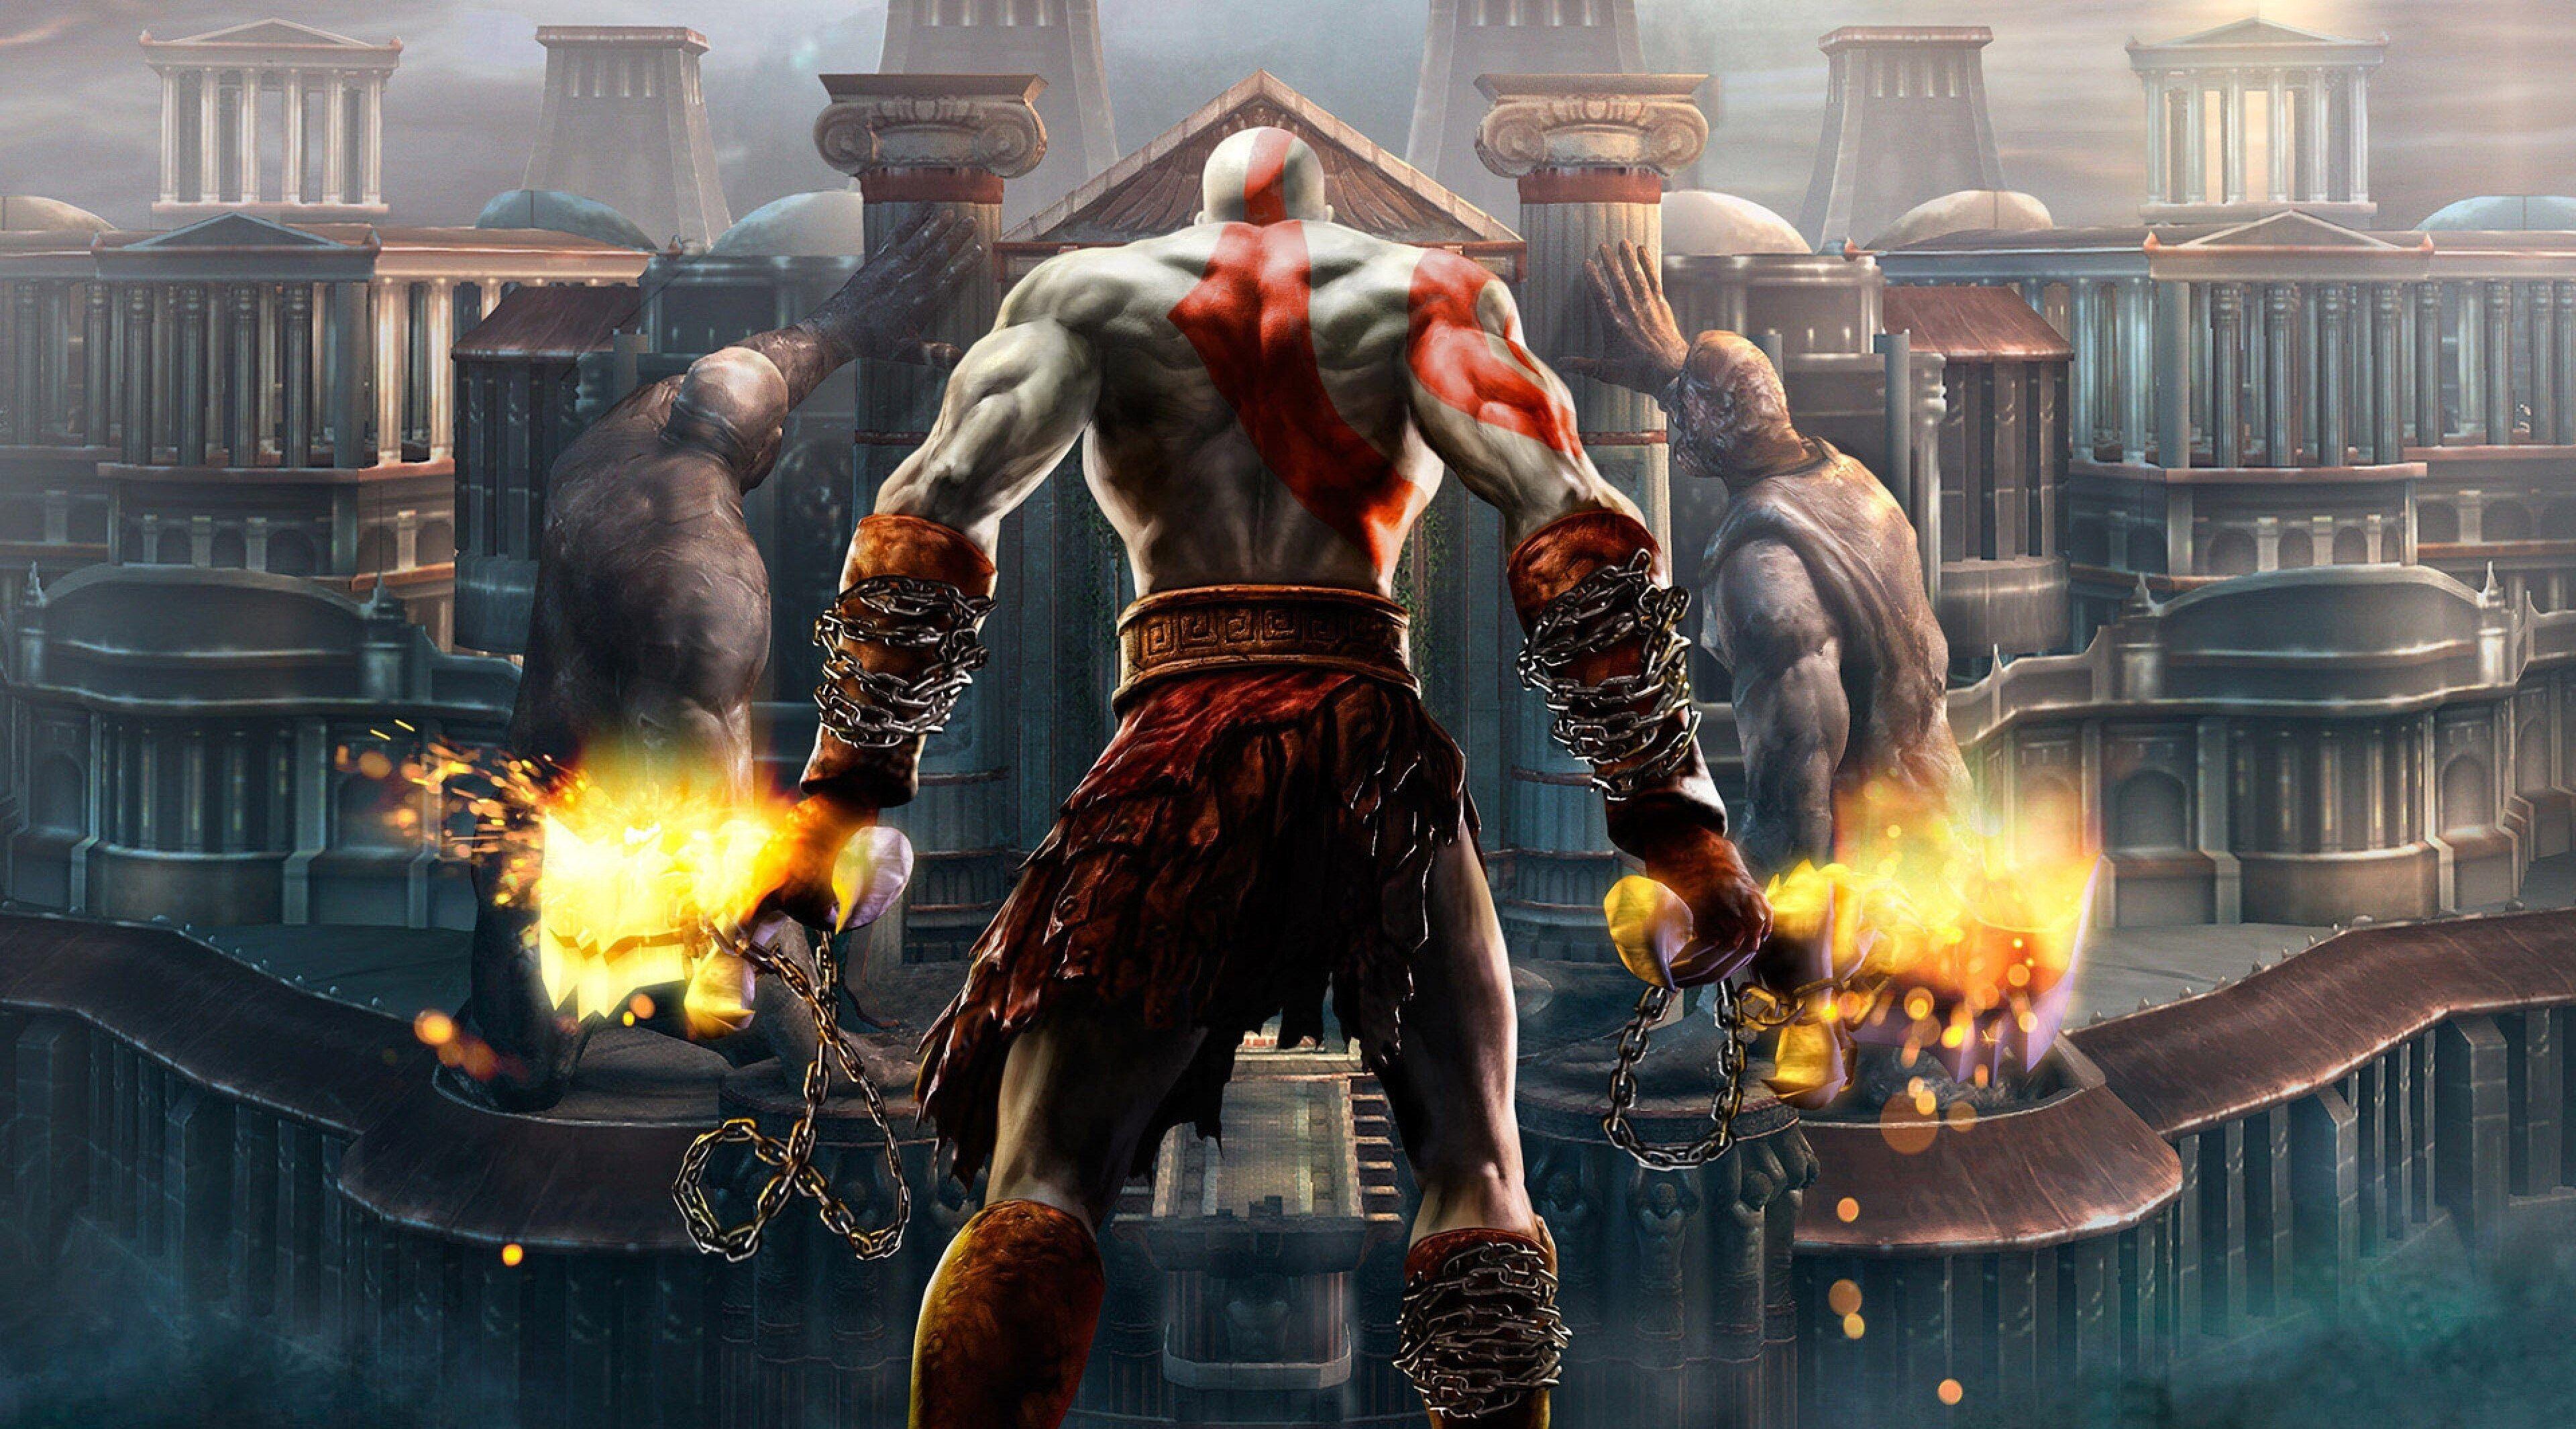 3840x2130 God Of War 4k Wallpaper Download Kratos God Of